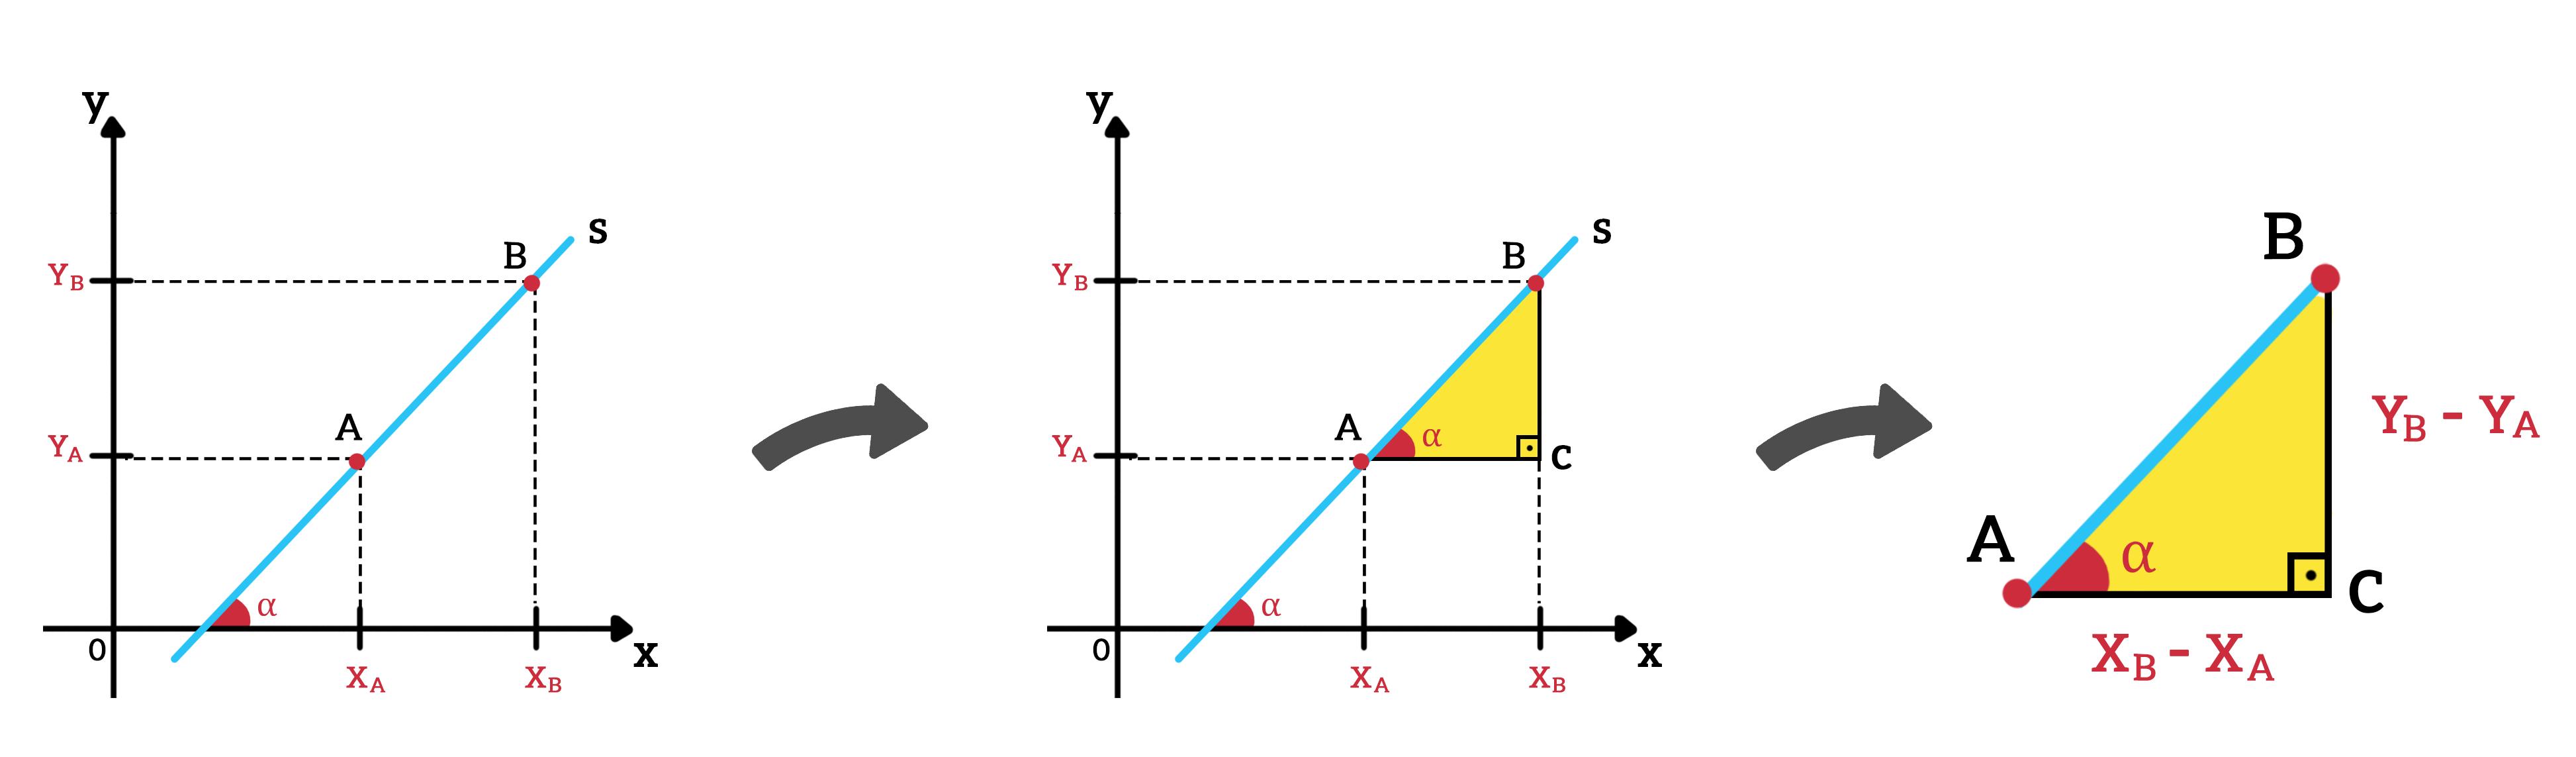 um triângulo retângulo pode se formar no gráfico da função afim de forma que o coeficiente angular é calculado pela tangente do ângulo de inclinação